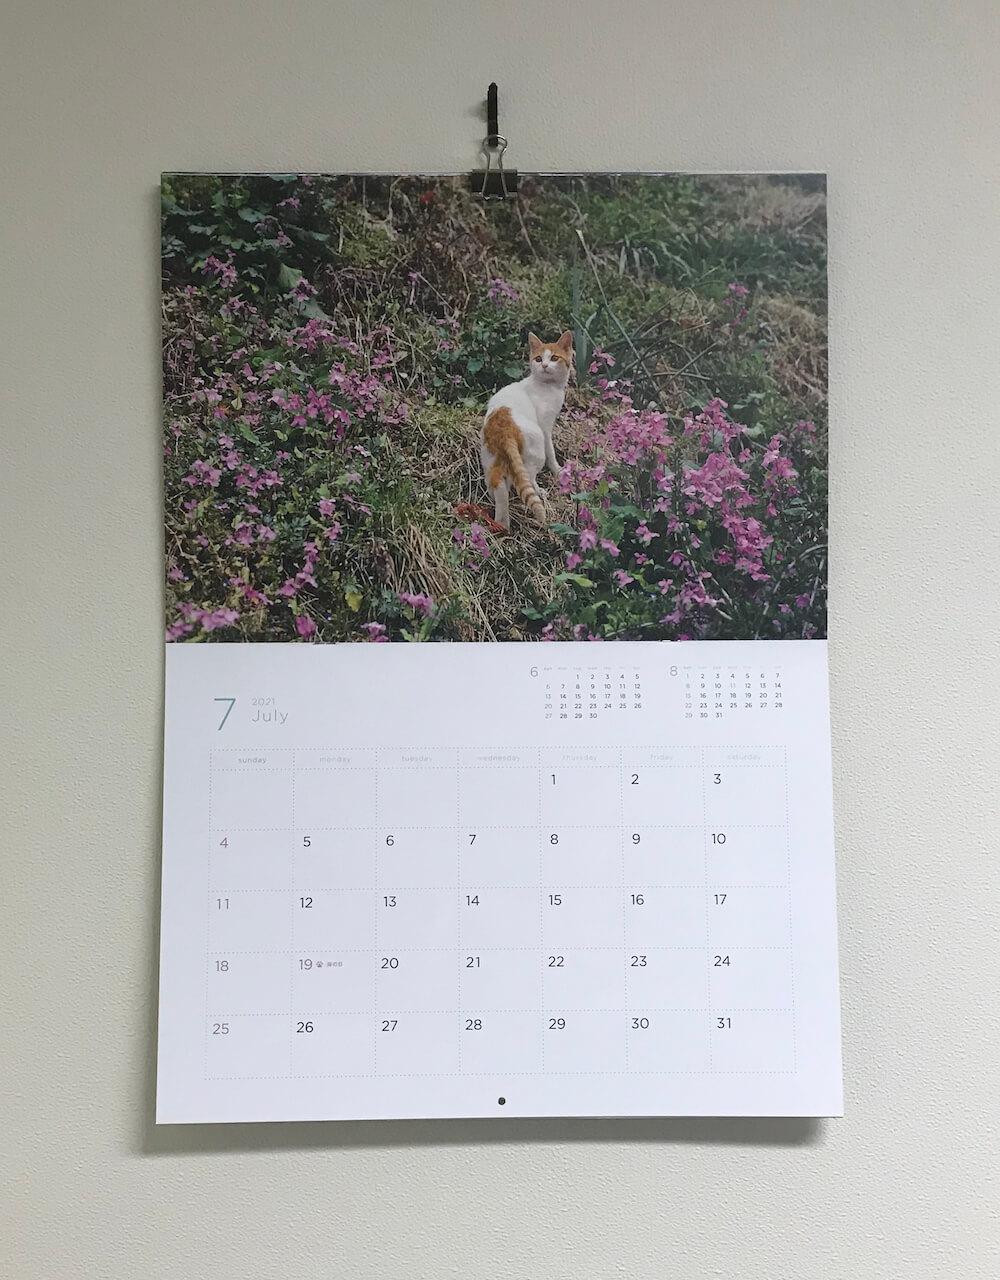 「岩合光昭 福ねこ2021 カレンダー」2021年7月のカレンダーイメージ